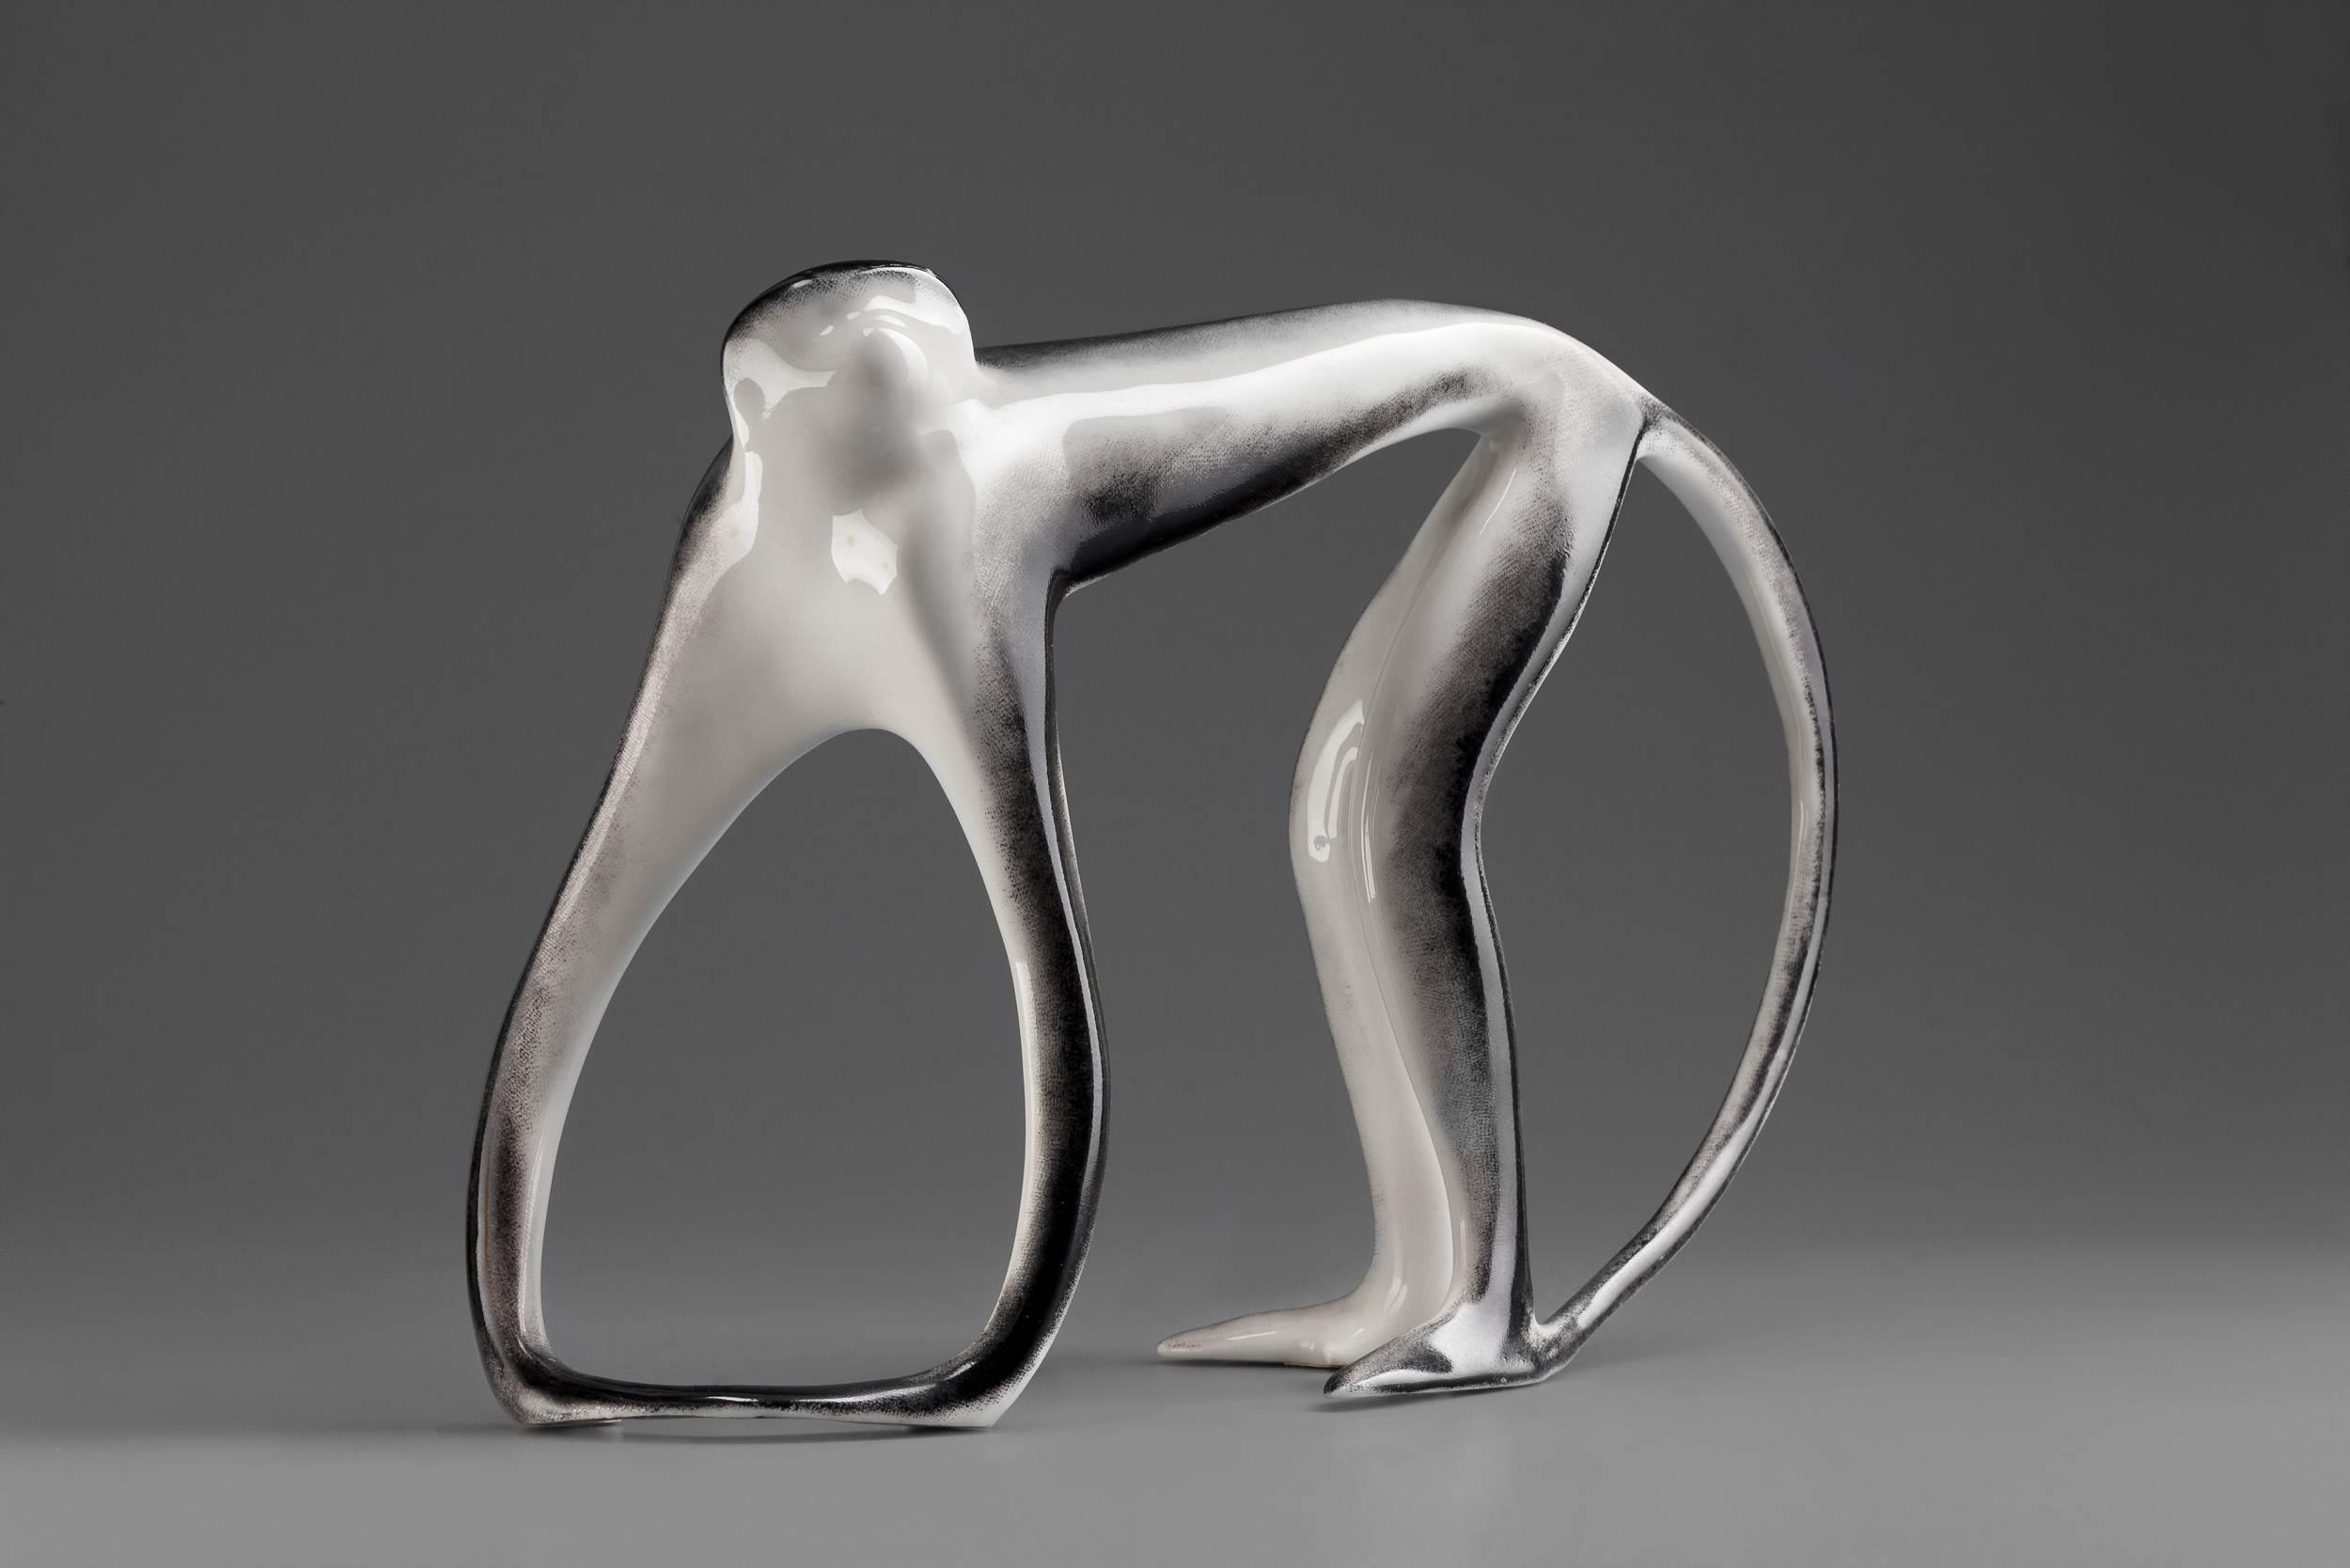 """Z czasem forma uległa uproszczeniu i charakterystycznej dla wyrobów New Look syntetyzacji. """"Gibbon"""" projektu Hanny Orthwein, źródło: Muzeum Narodowe w Warszawie"""